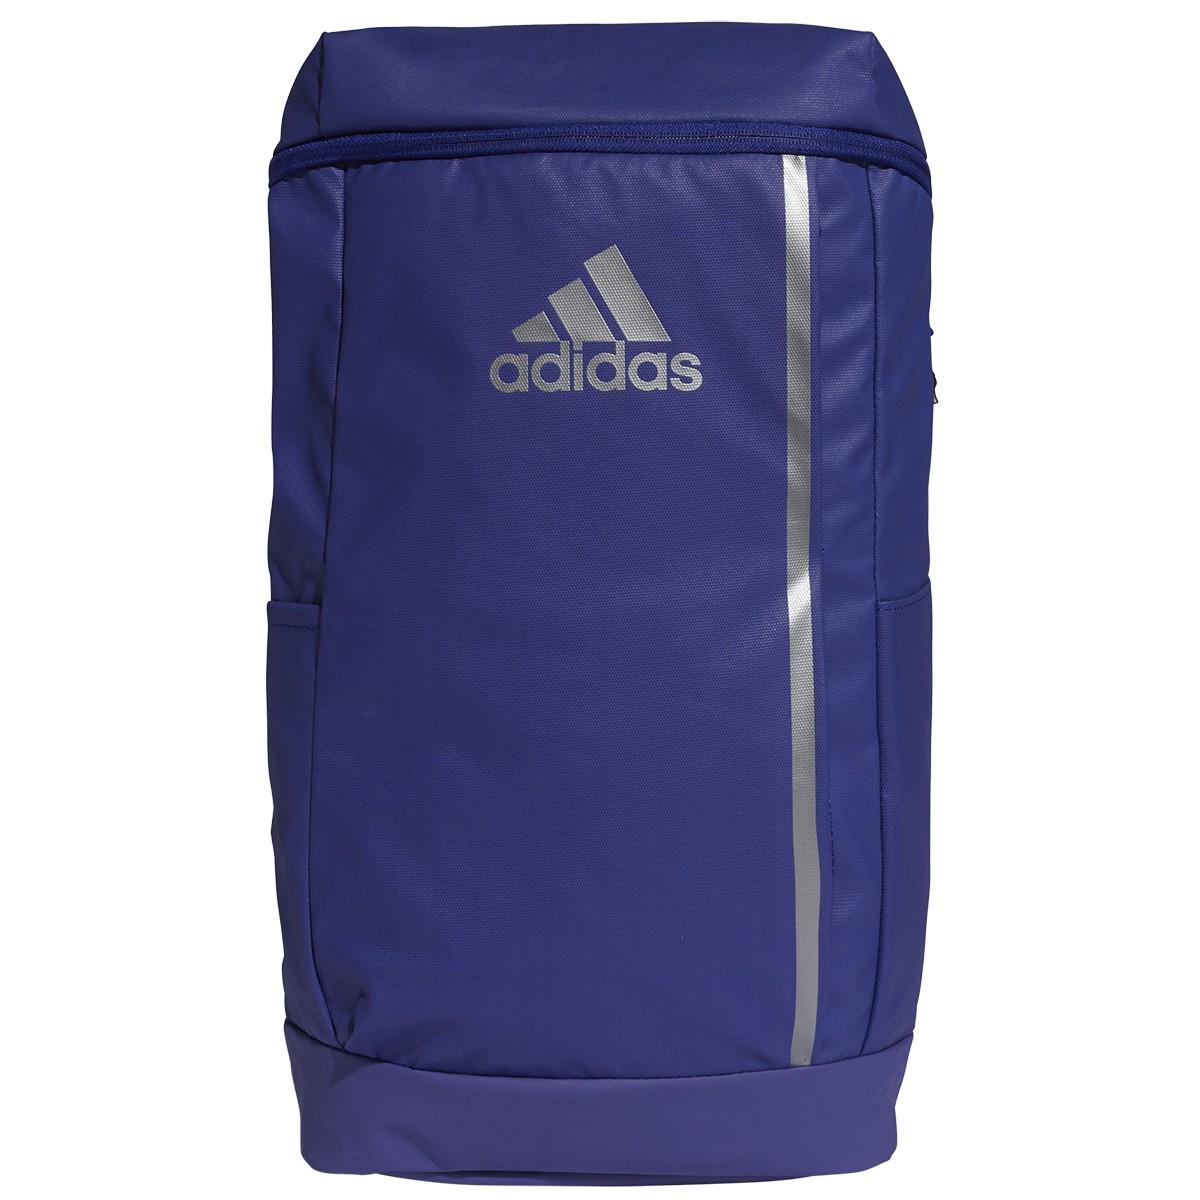 Dos Training Adidas A SacsTennispro Sac 5Rj3A4L